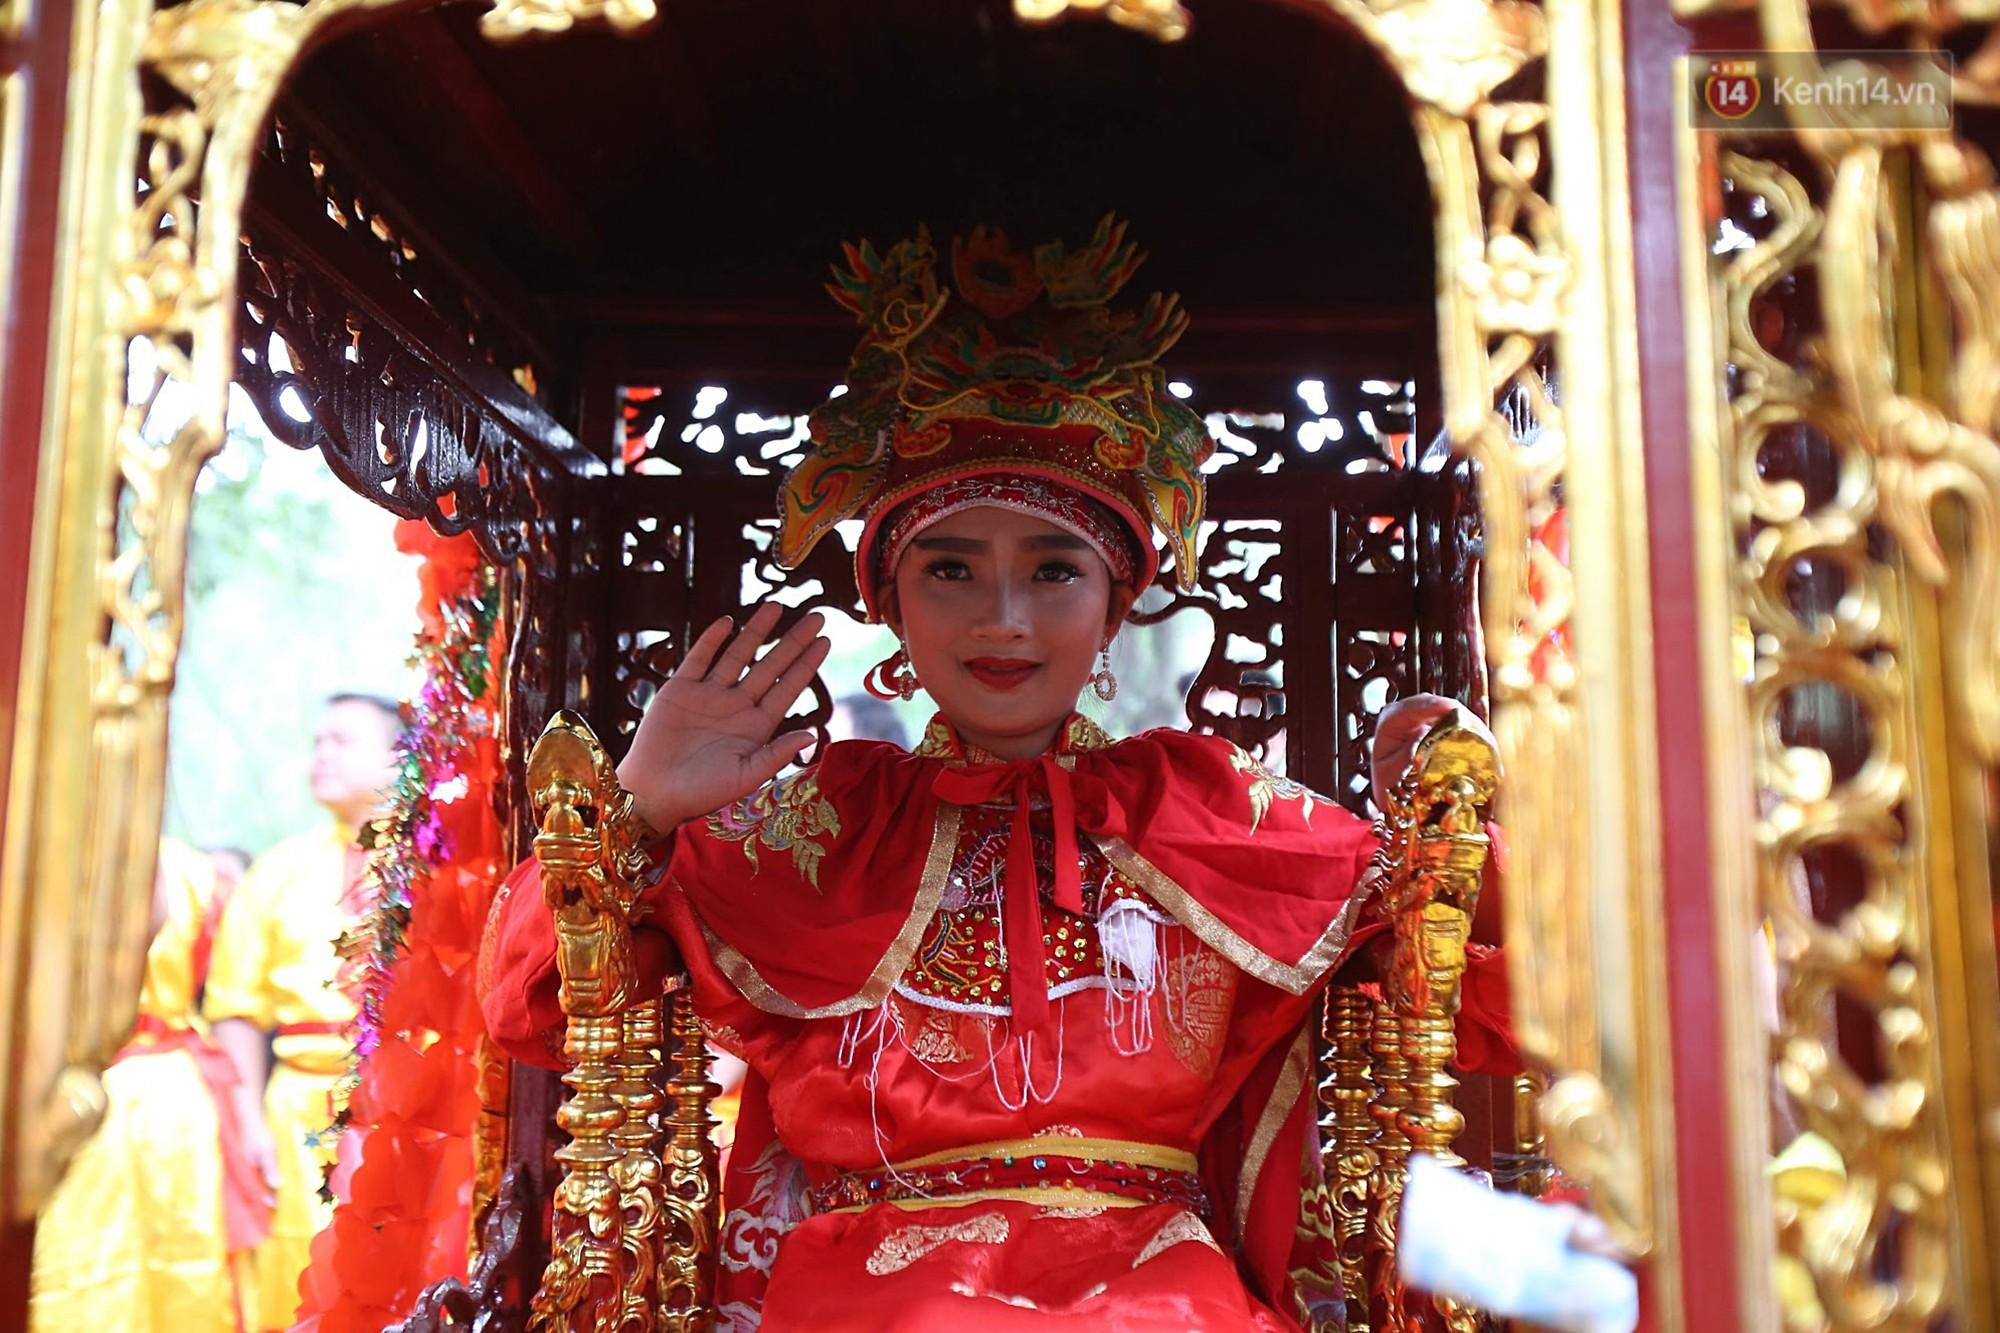 Khai hội Đền Gióng ở Hà Nội, tướng bà 12 tuổi được bảo vệ nghiêm ngặt - Ảnh 6.